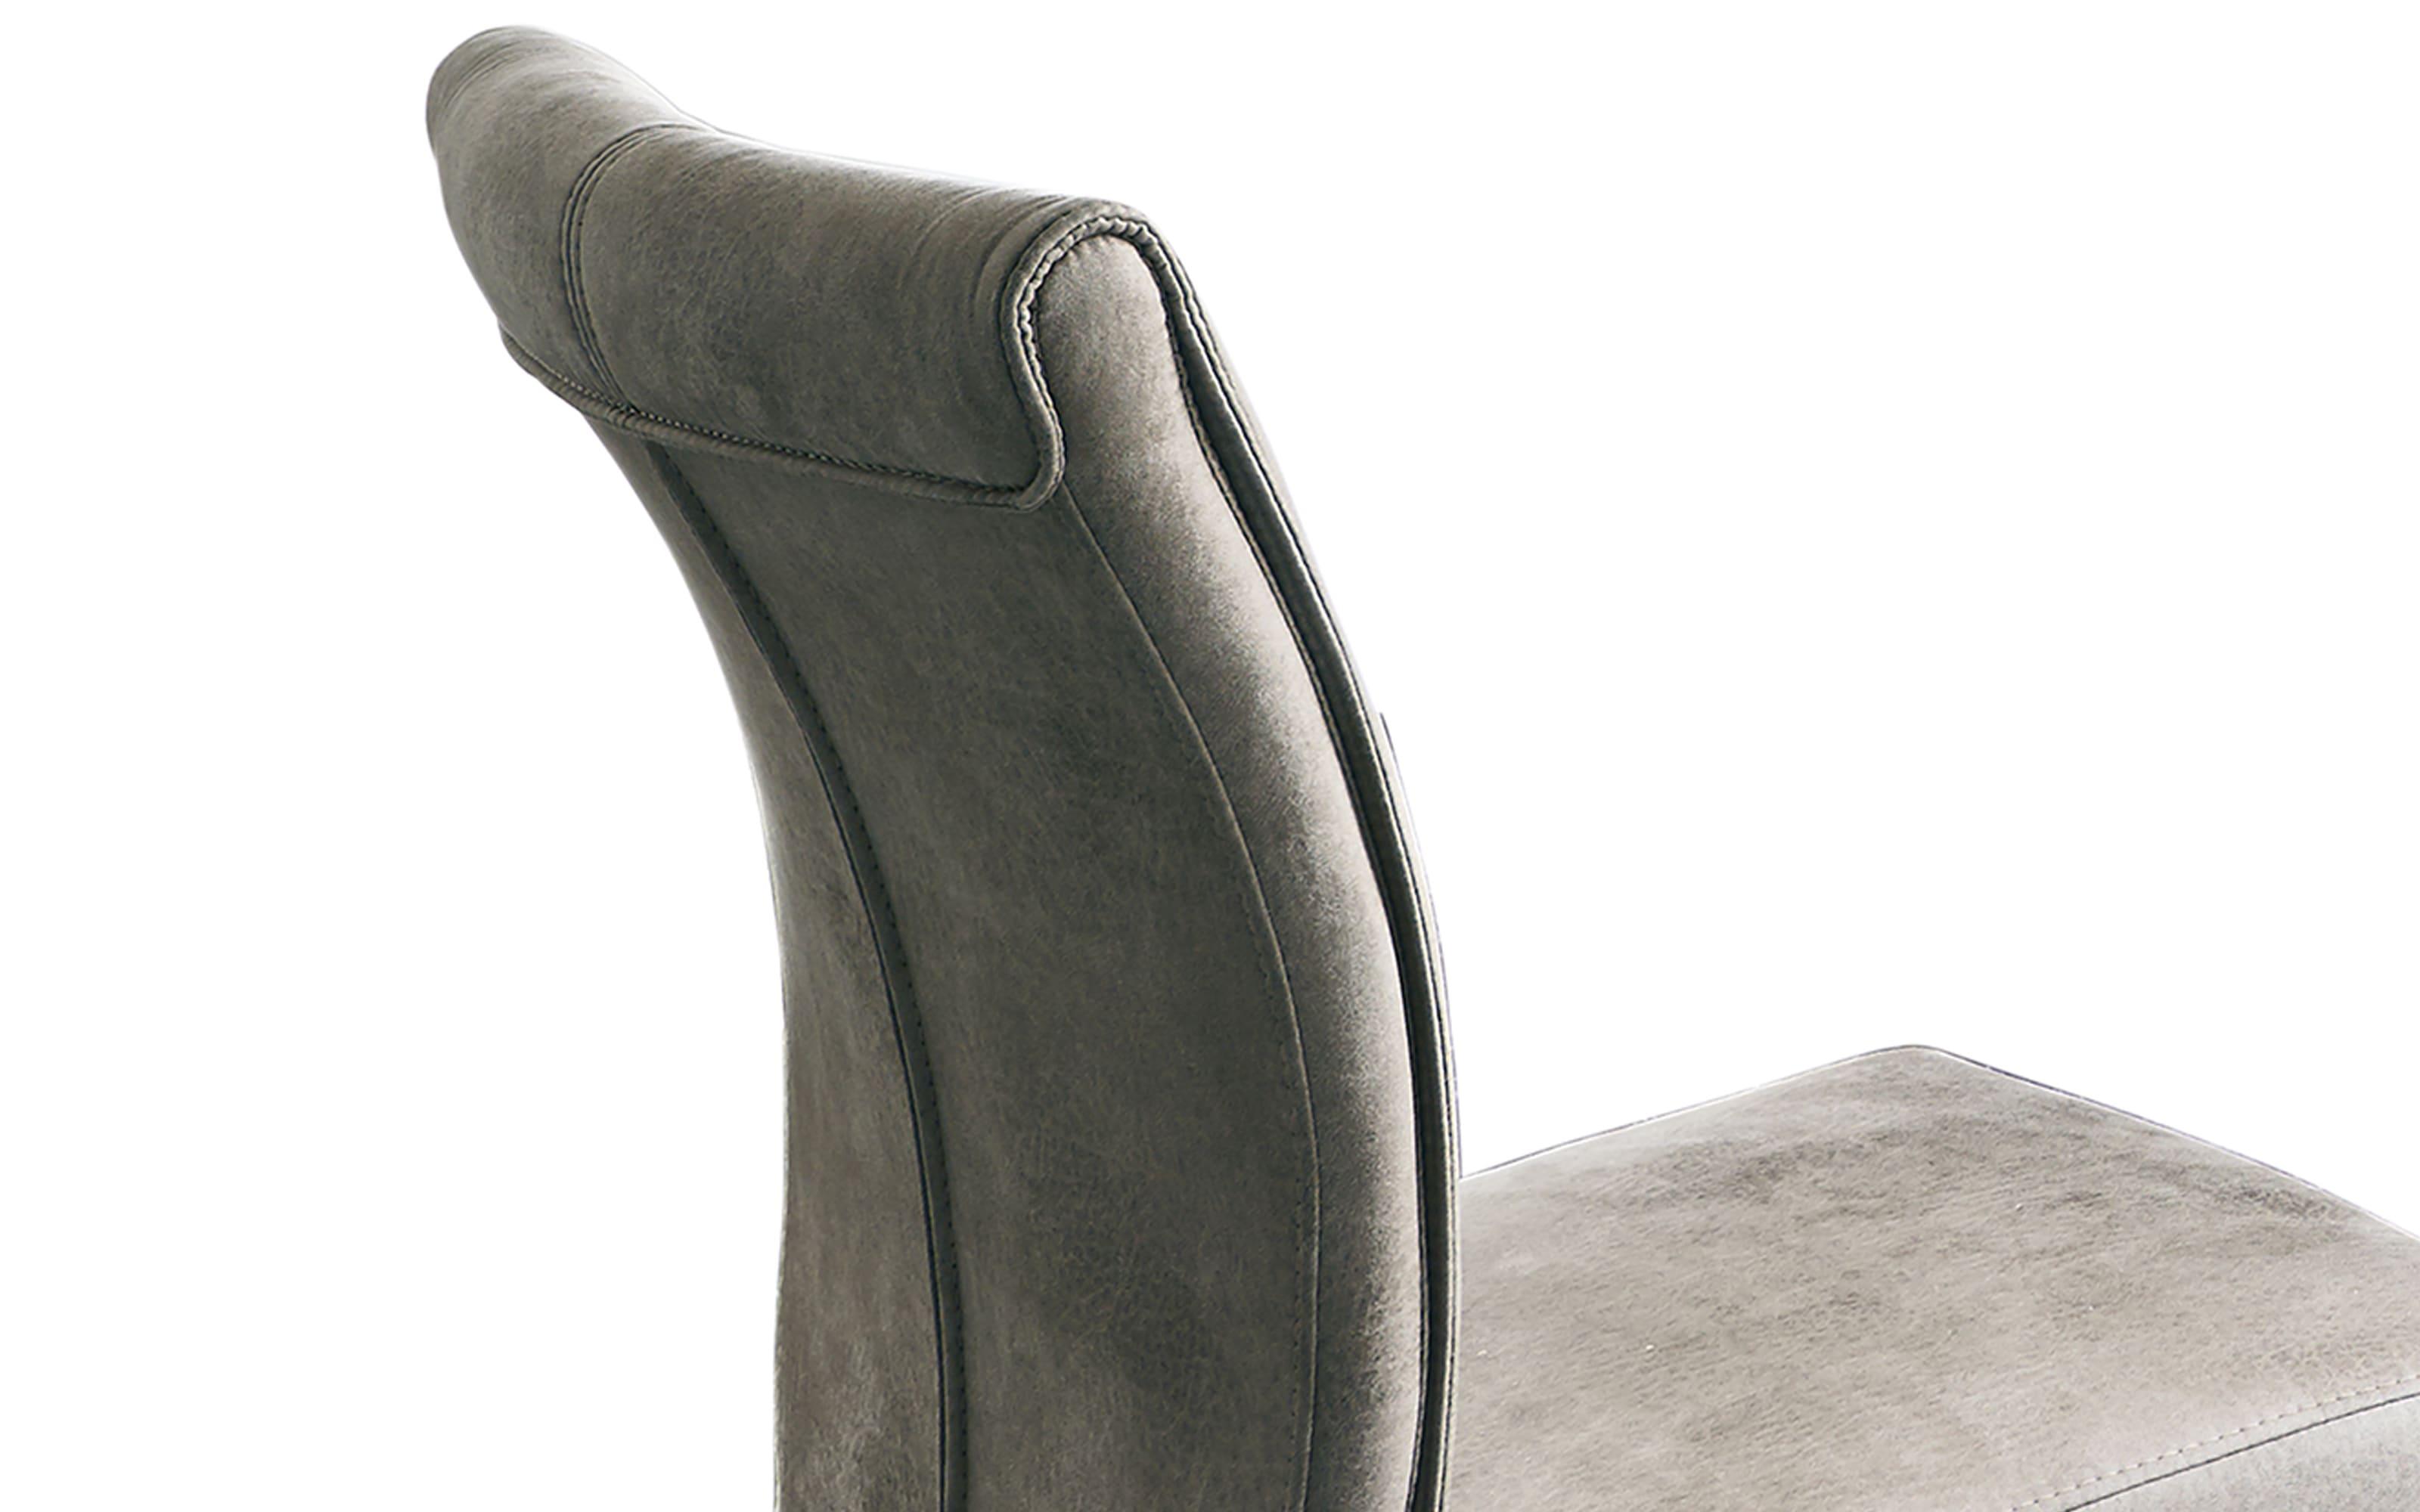 Schwingstuhl 3001 Alexa in stone, mit schwarzem Rundrohrgestell aus Eisen